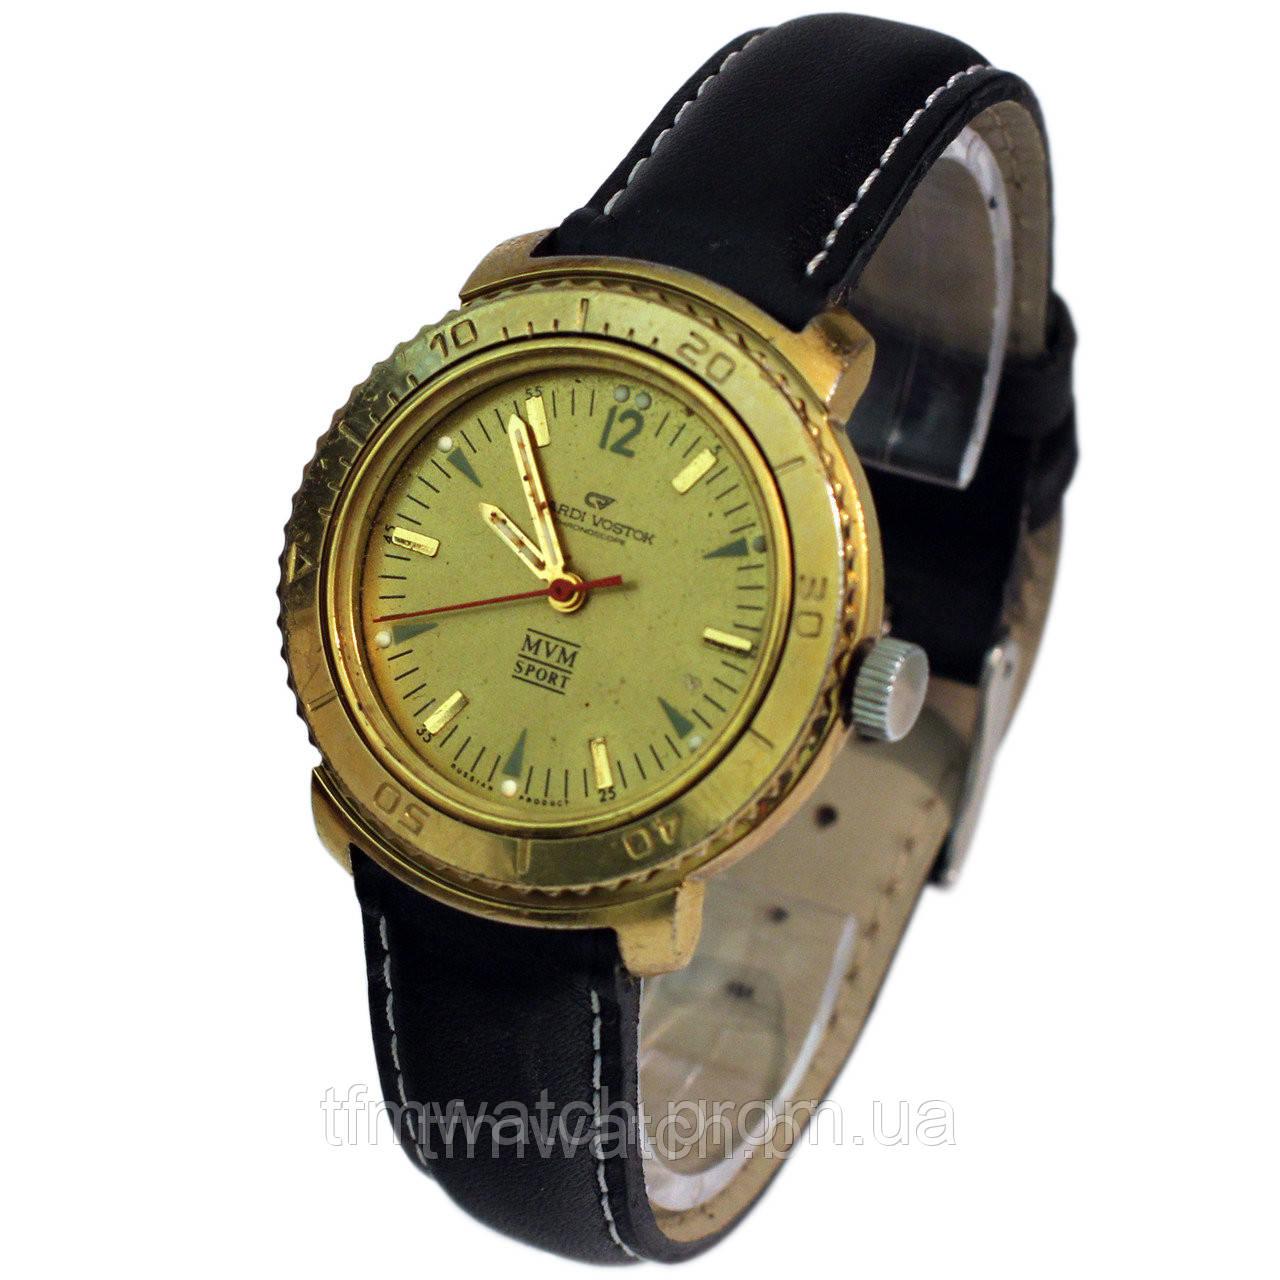 Часы наручные восток карди часы с джипиэсом купить